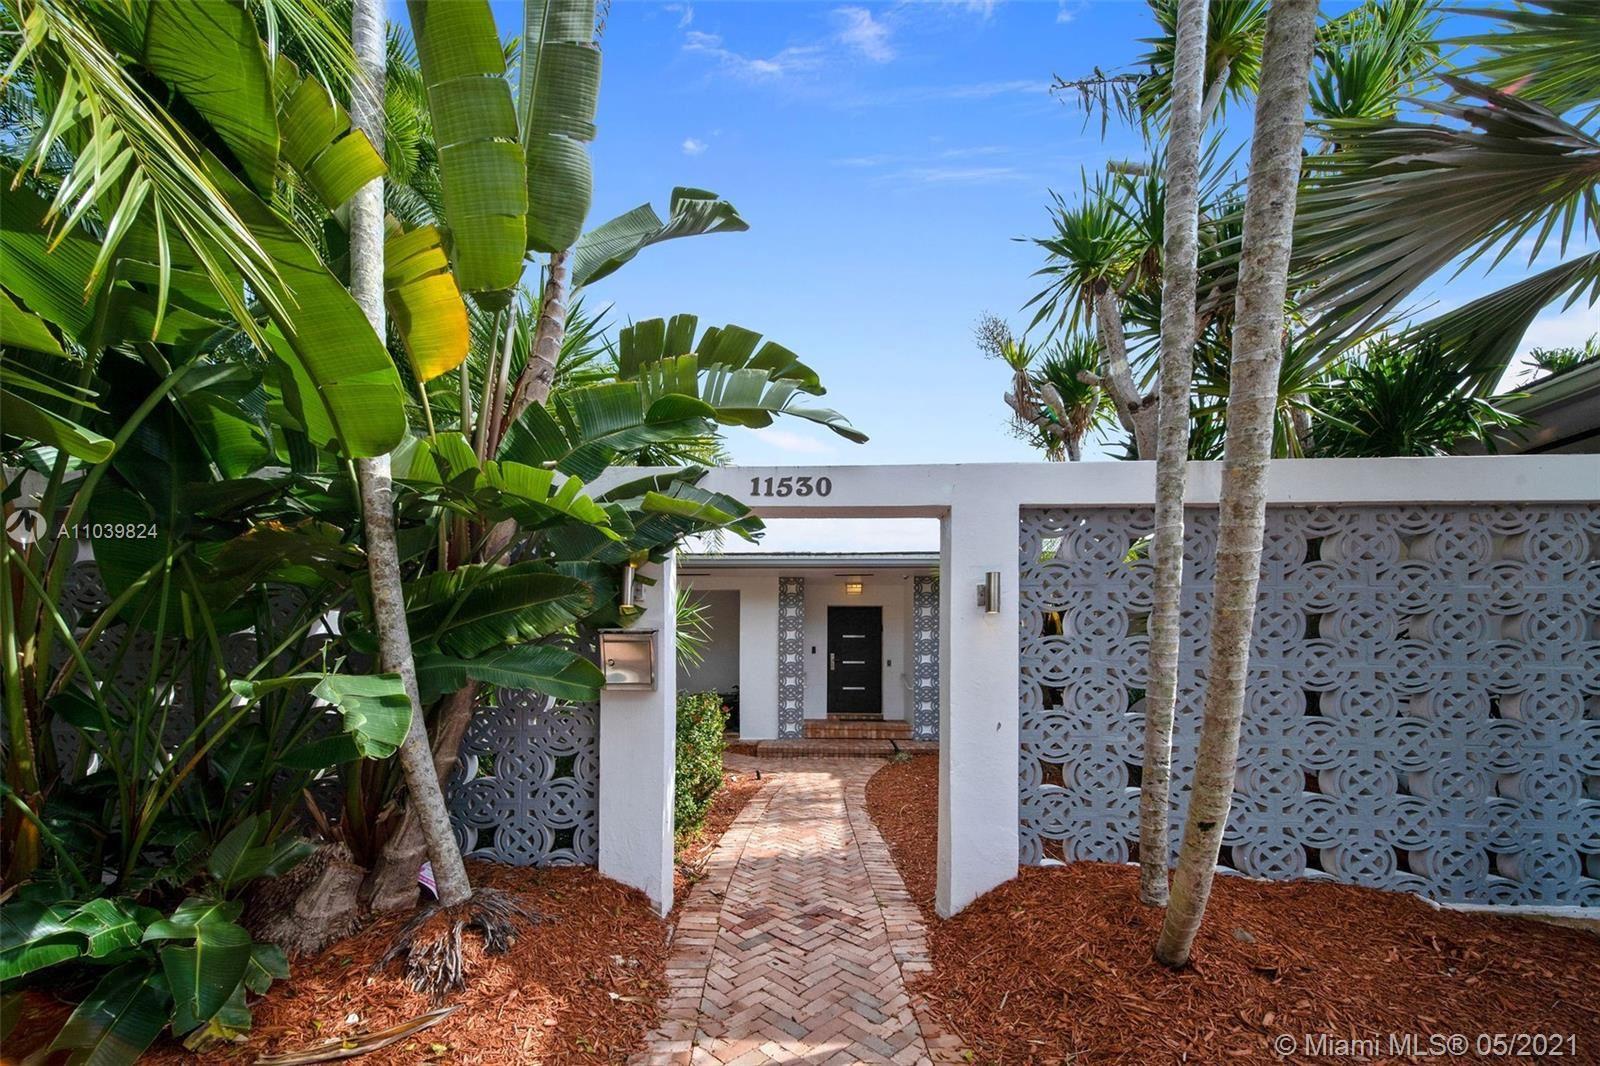 11530 NE 22ND DR., North Miami, FL 33181 - #: A11039824